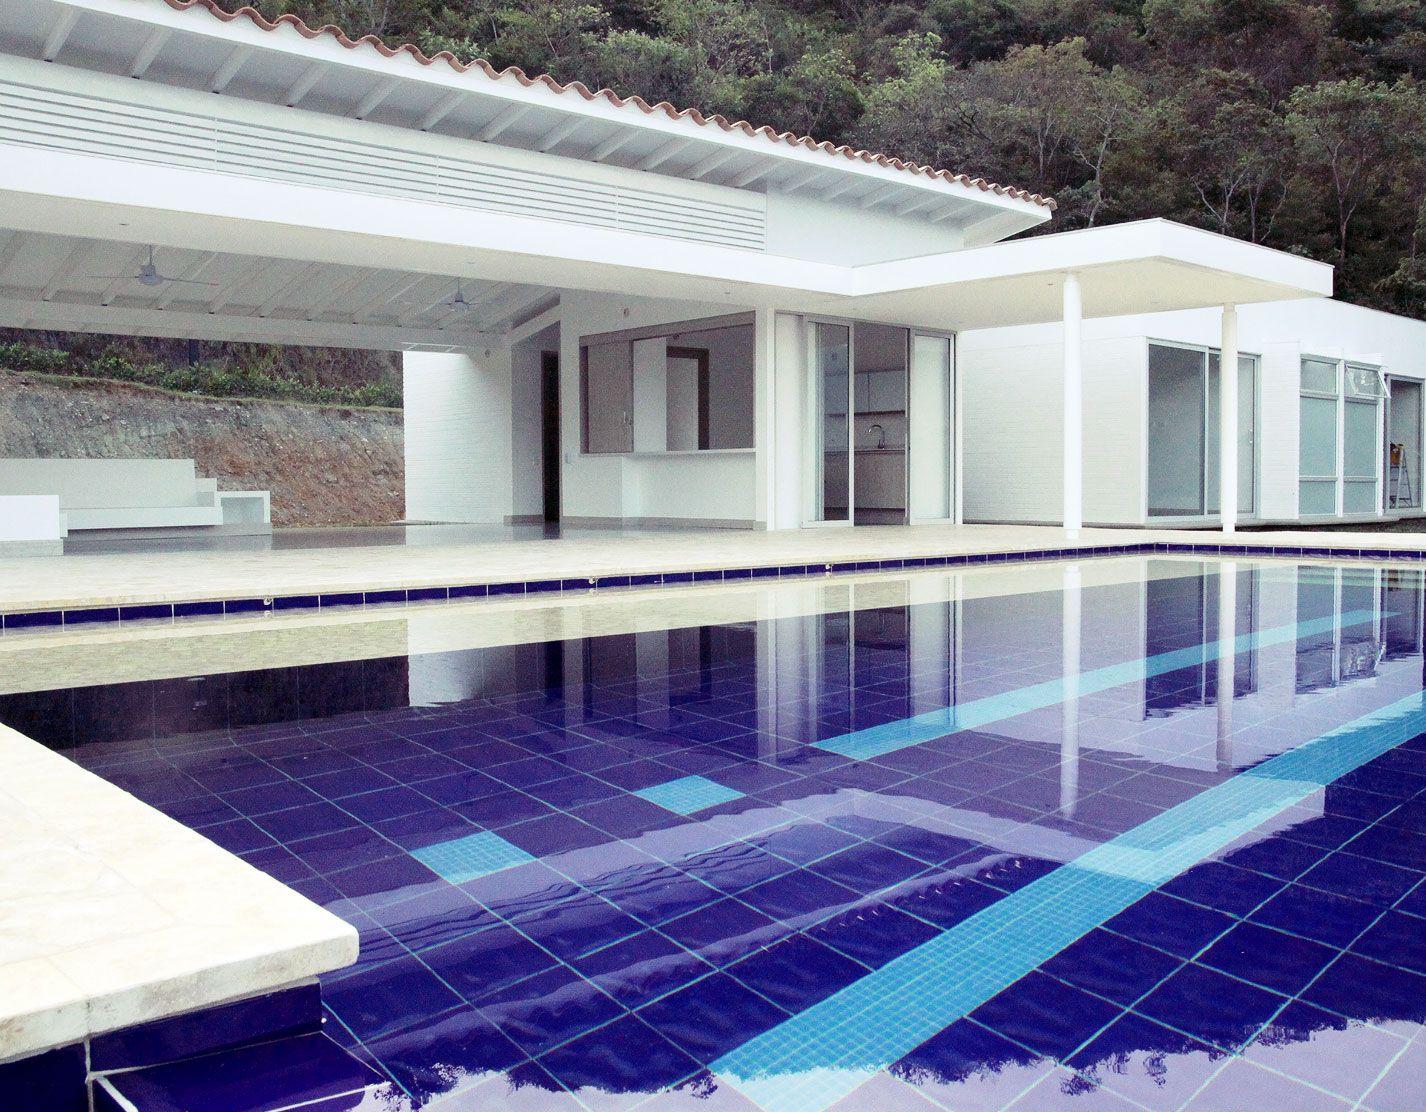 Los Cedros, Los mejores momentos del día, los momentos al exterior. #DreamHouse #architecture #water